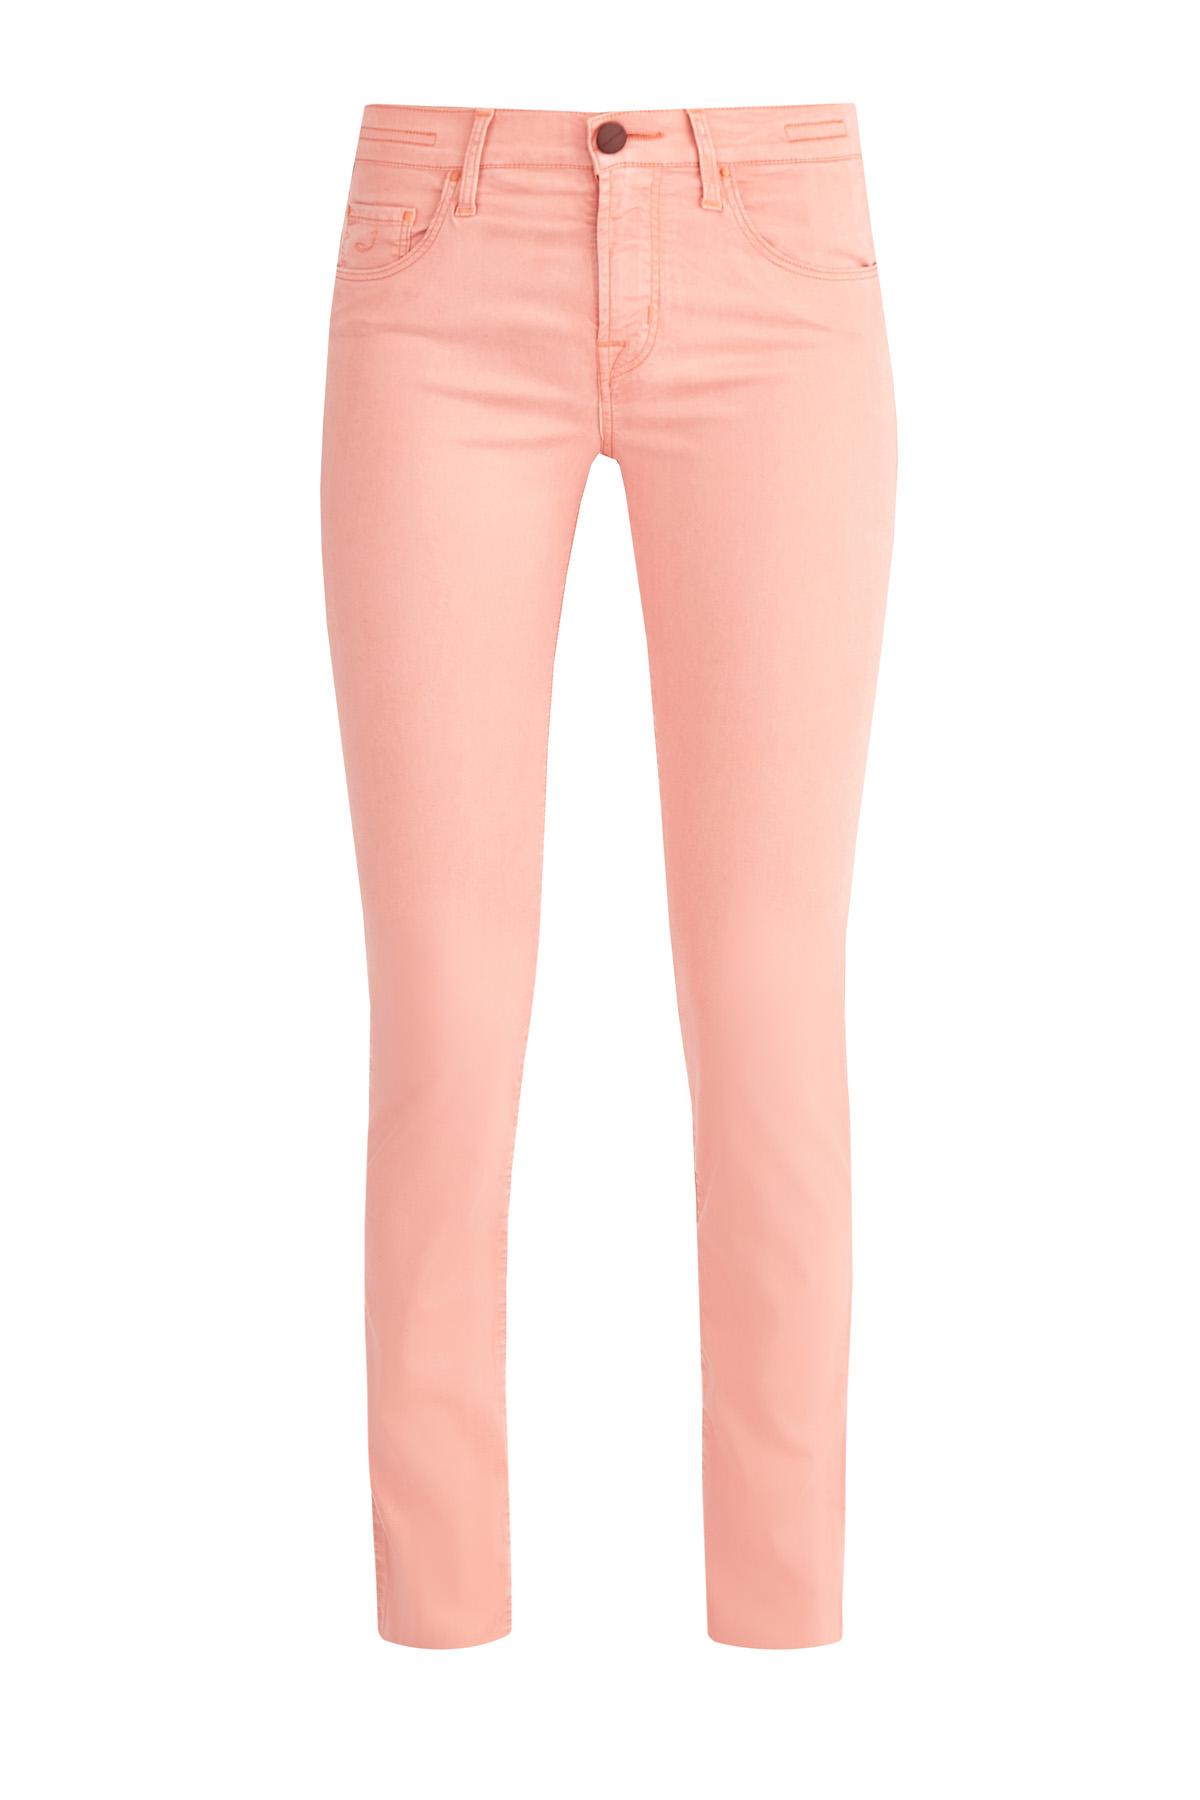 Однотонные джинсы из тенсела с вышивкой в виде заклепок